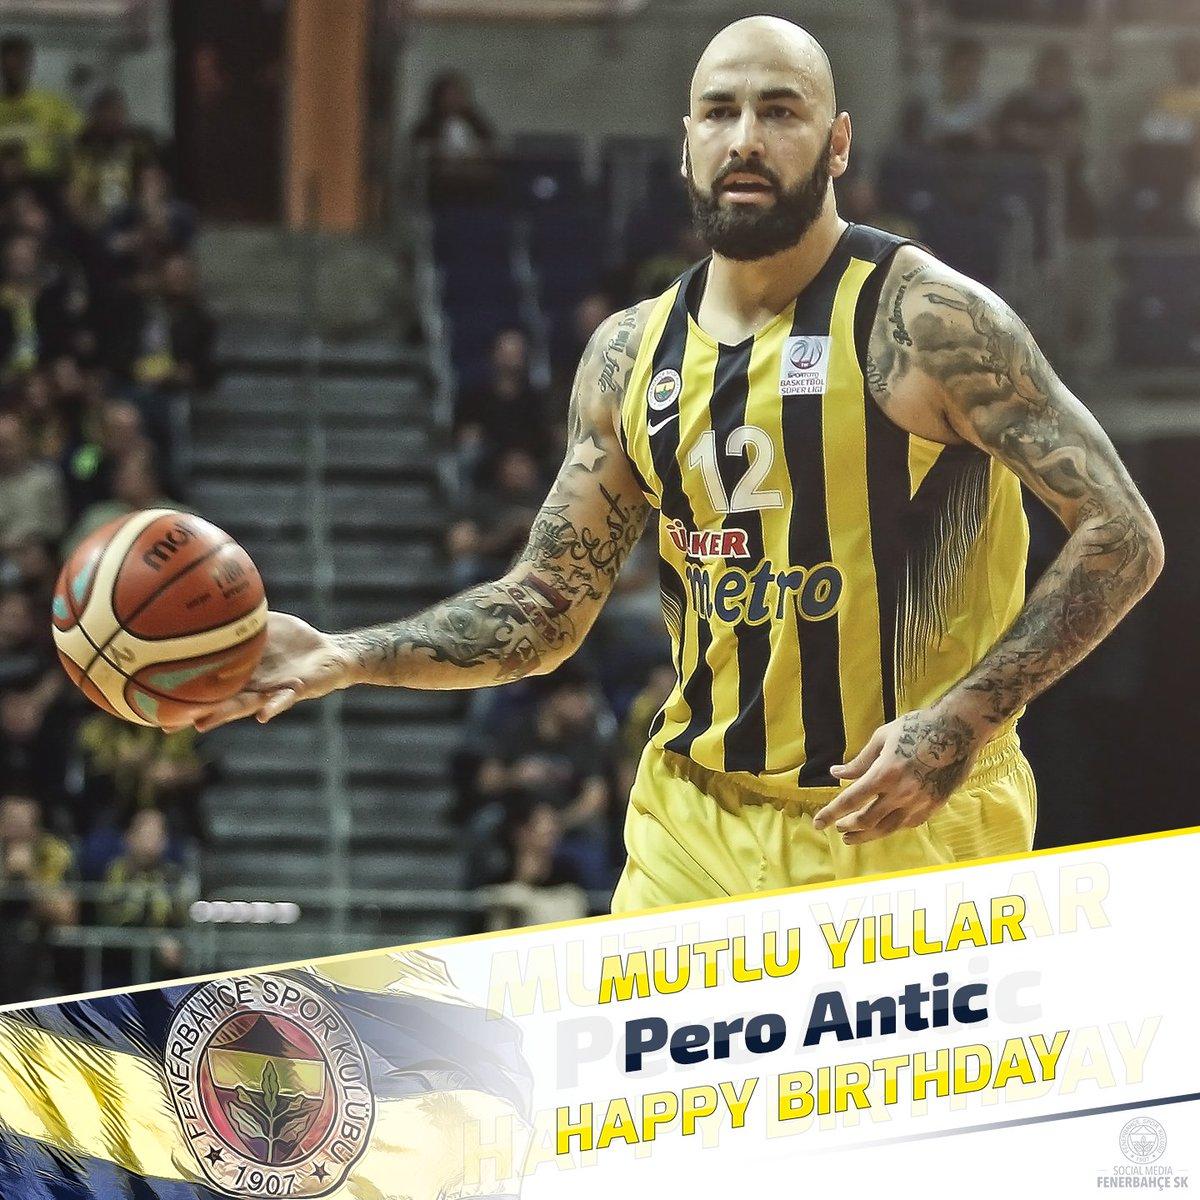 Bugün oyuncumuz Pero Antic'in doğum günü...